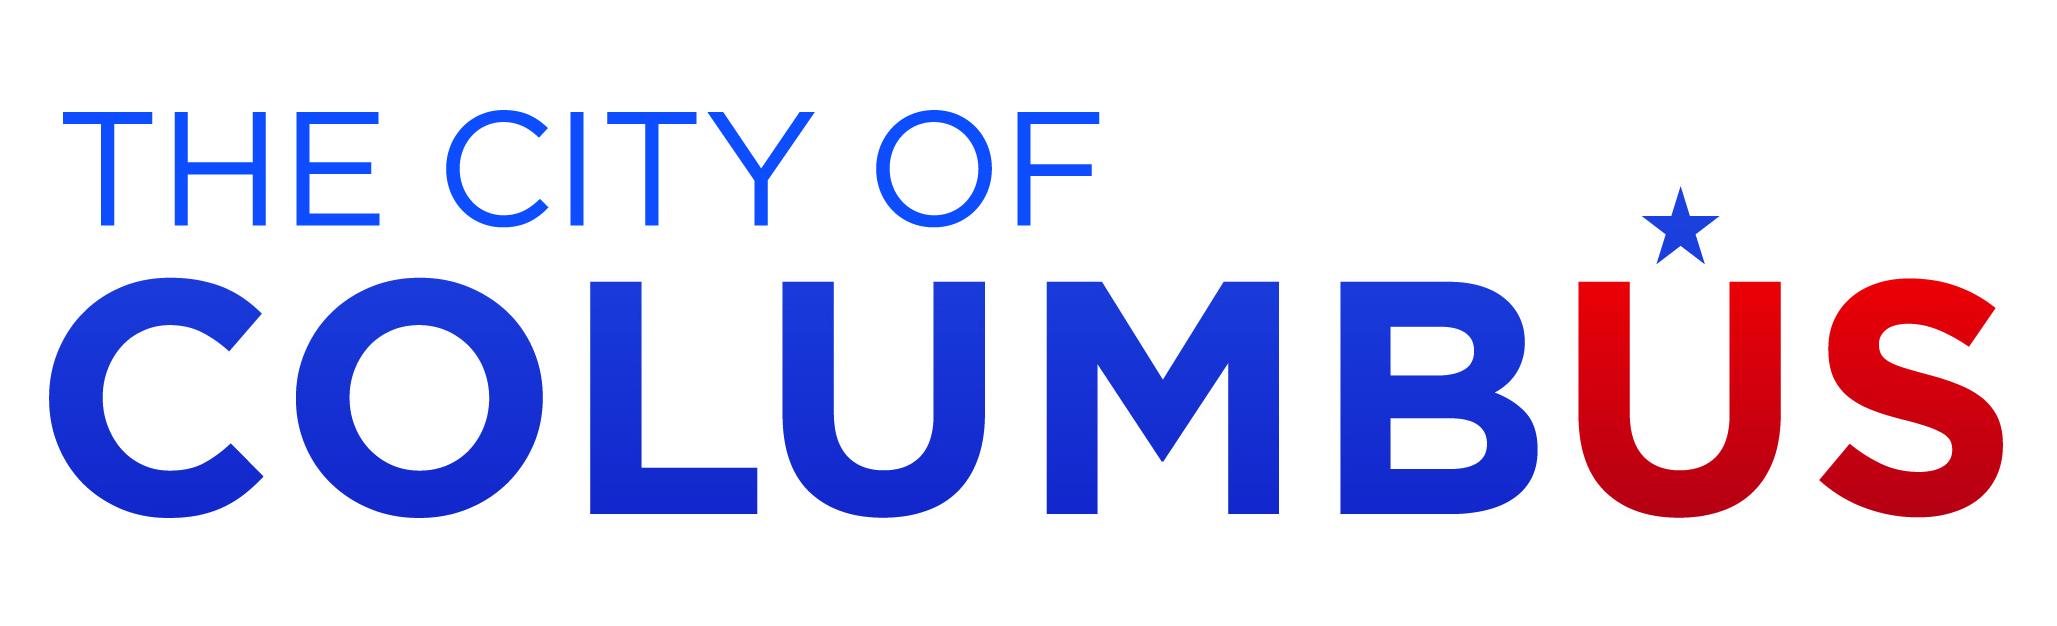 all-sponsor-logos copy